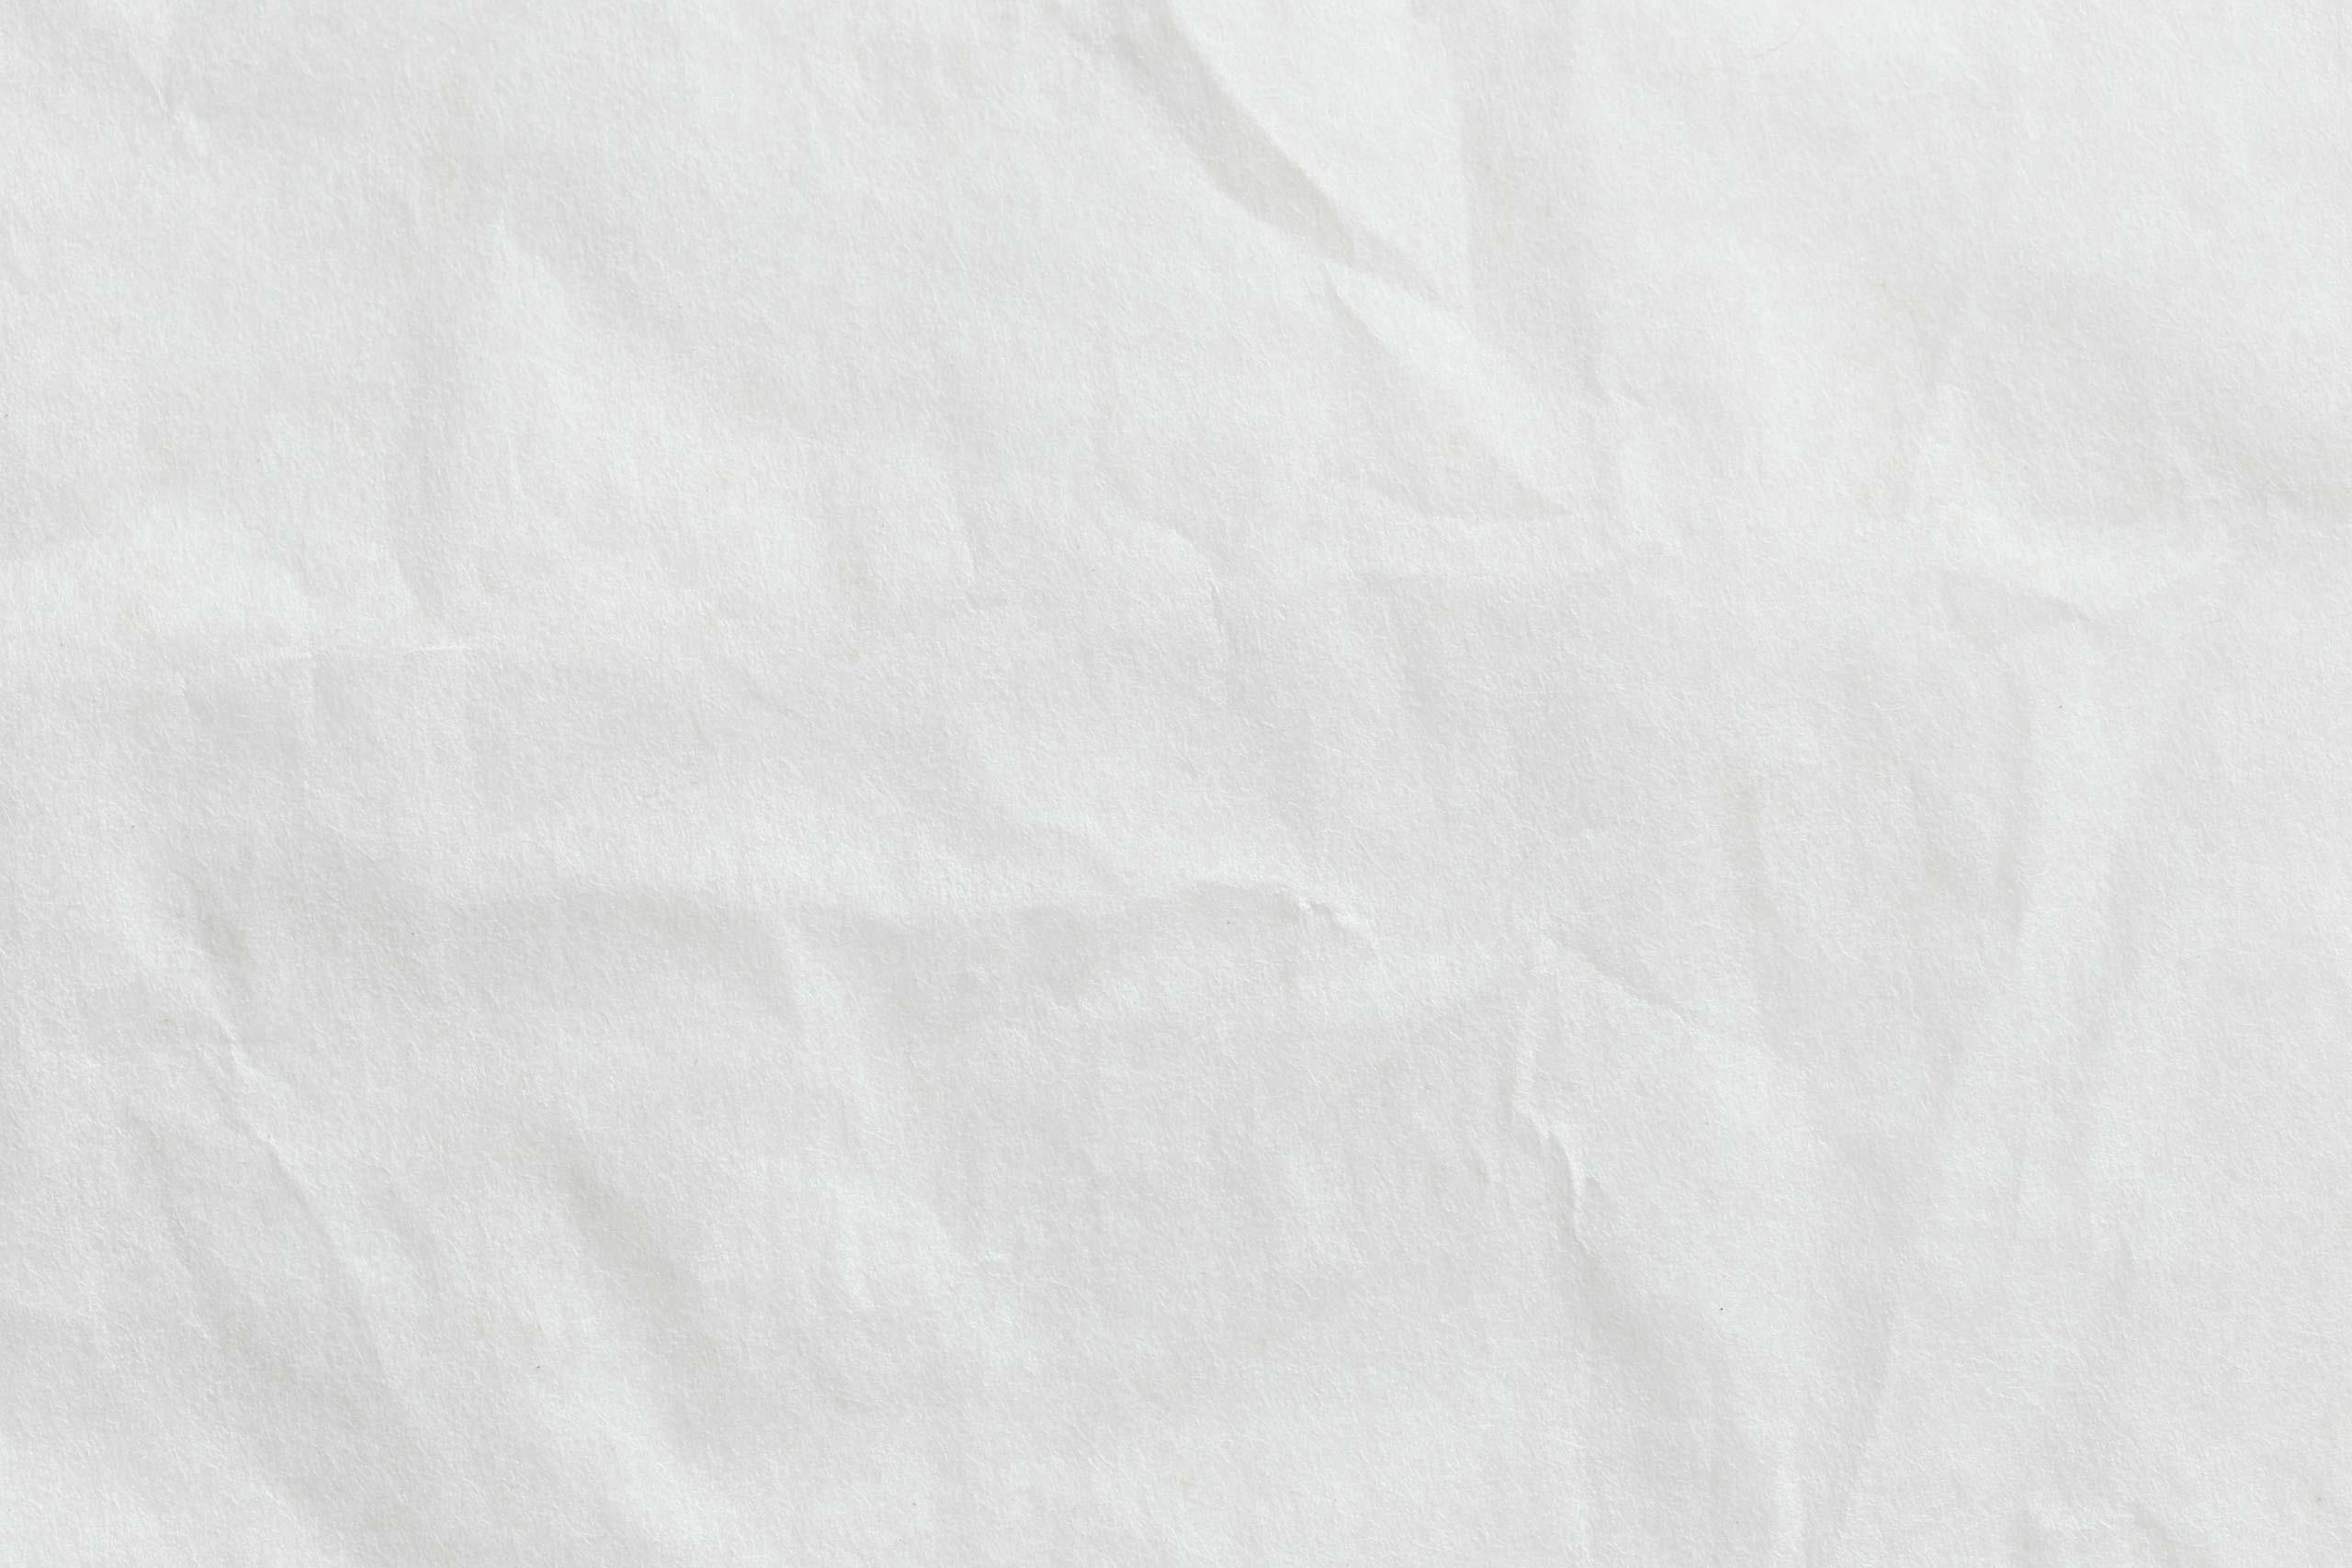 Мятый лист бумаги белого цвета.